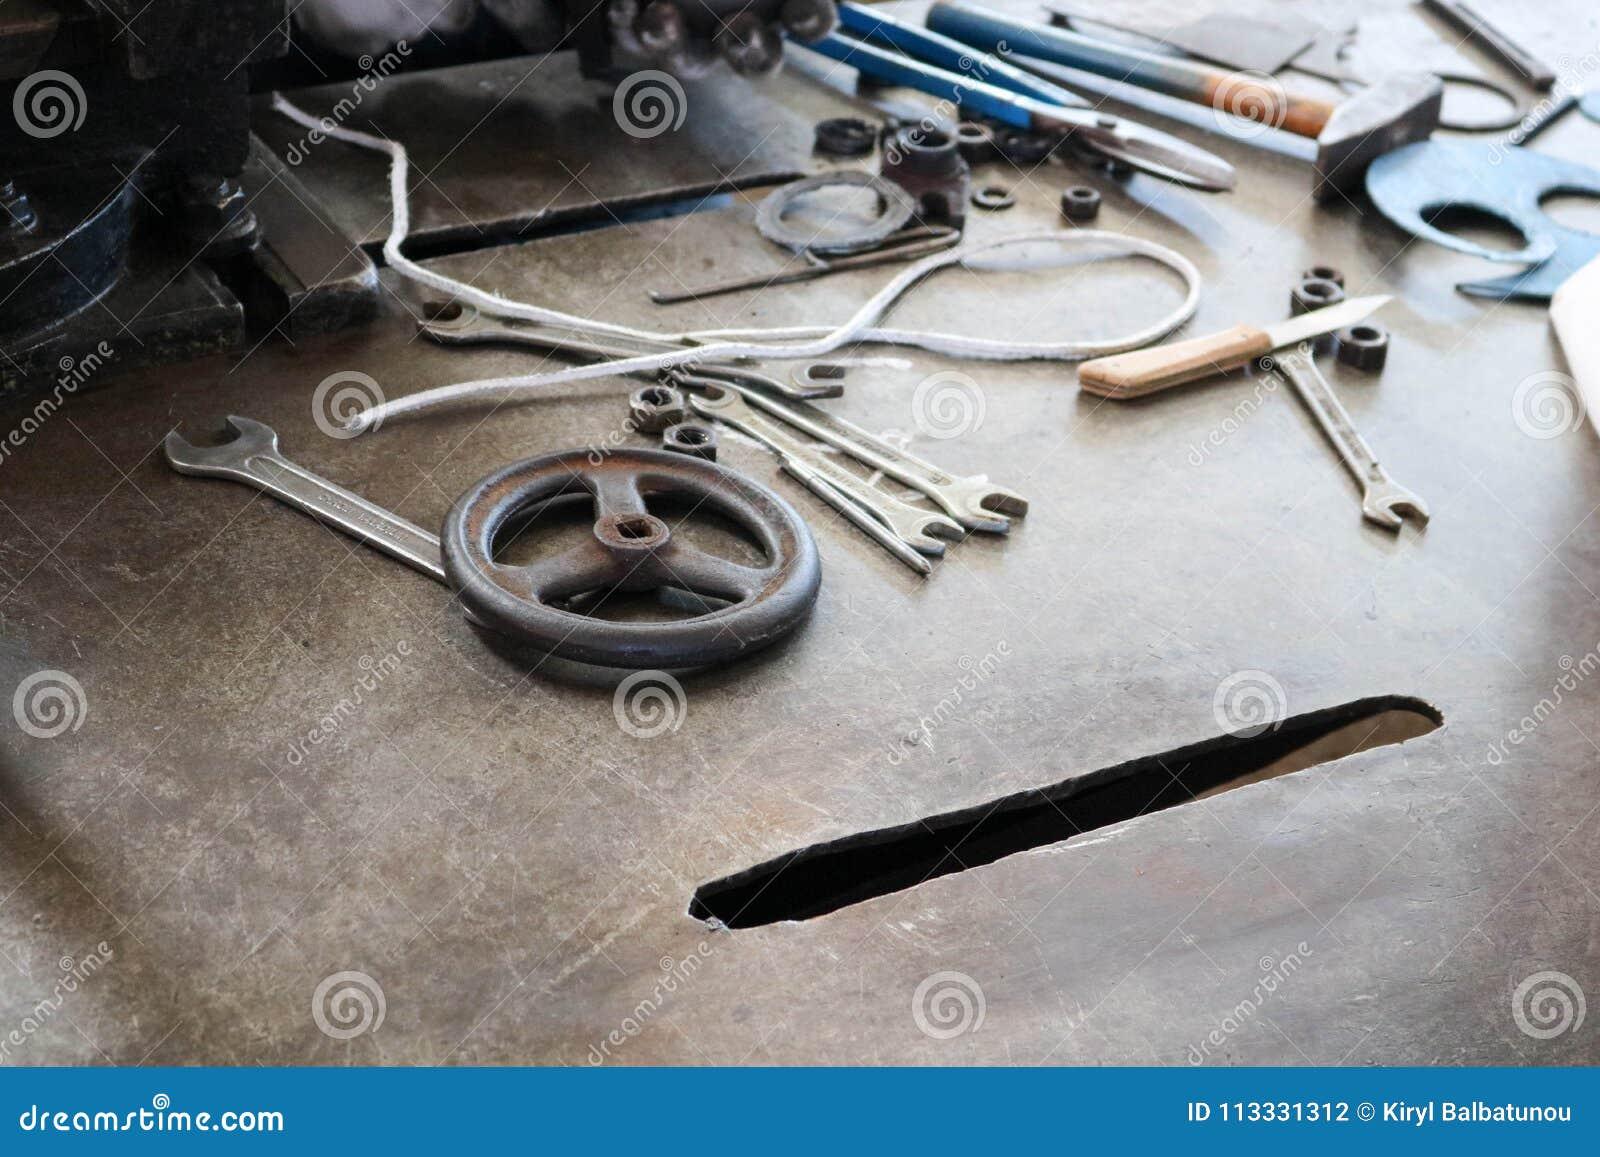 Eine Eisentabelle mit einem Metallverarbeitungswerkzeug, Schlüssel, Hämmer, Schraubenzieher, Quetschwalzen, Messer, Ventile in de